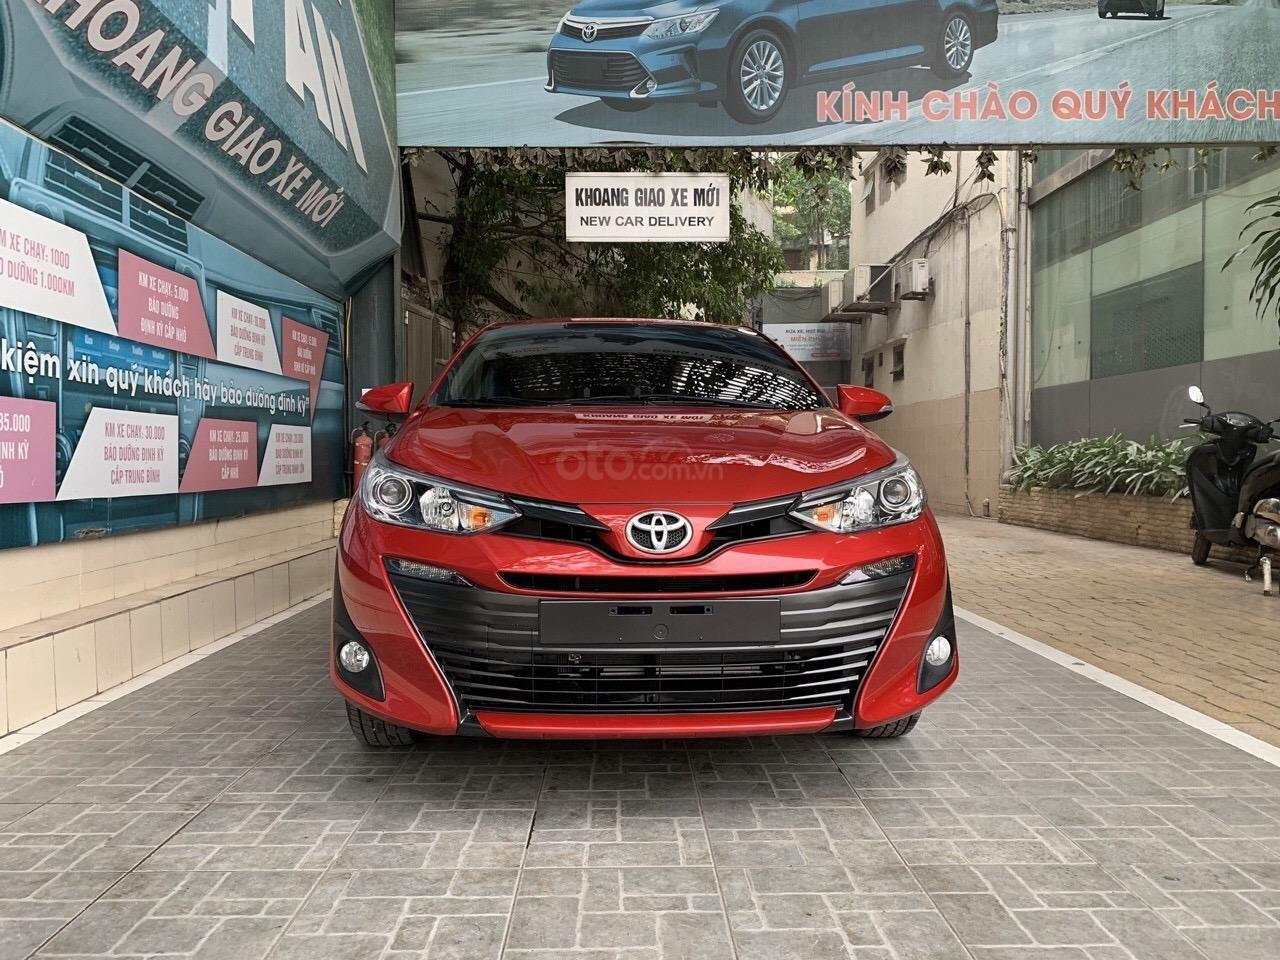 Bán Toyota Vios G 2019 giá tốt khuyến mại khủng. Vay trả góp lãi suất 0%. Lh 0973.160.519 (1)